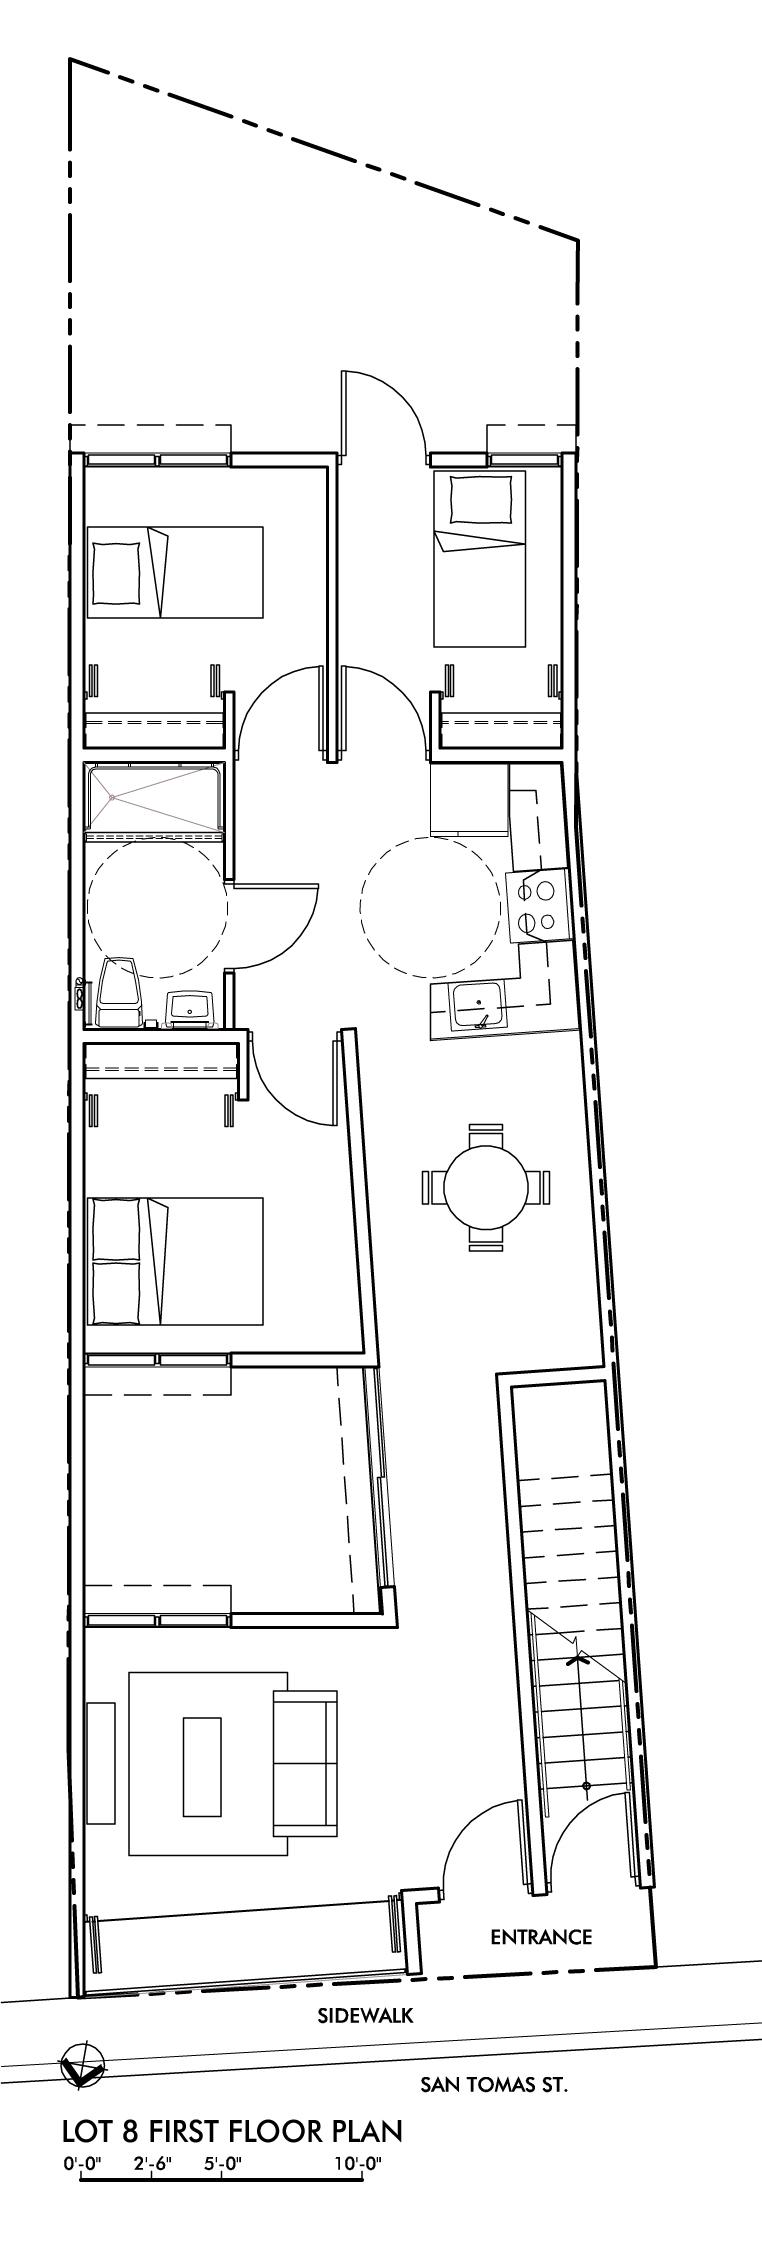 lote 8 first floor plan.jpg